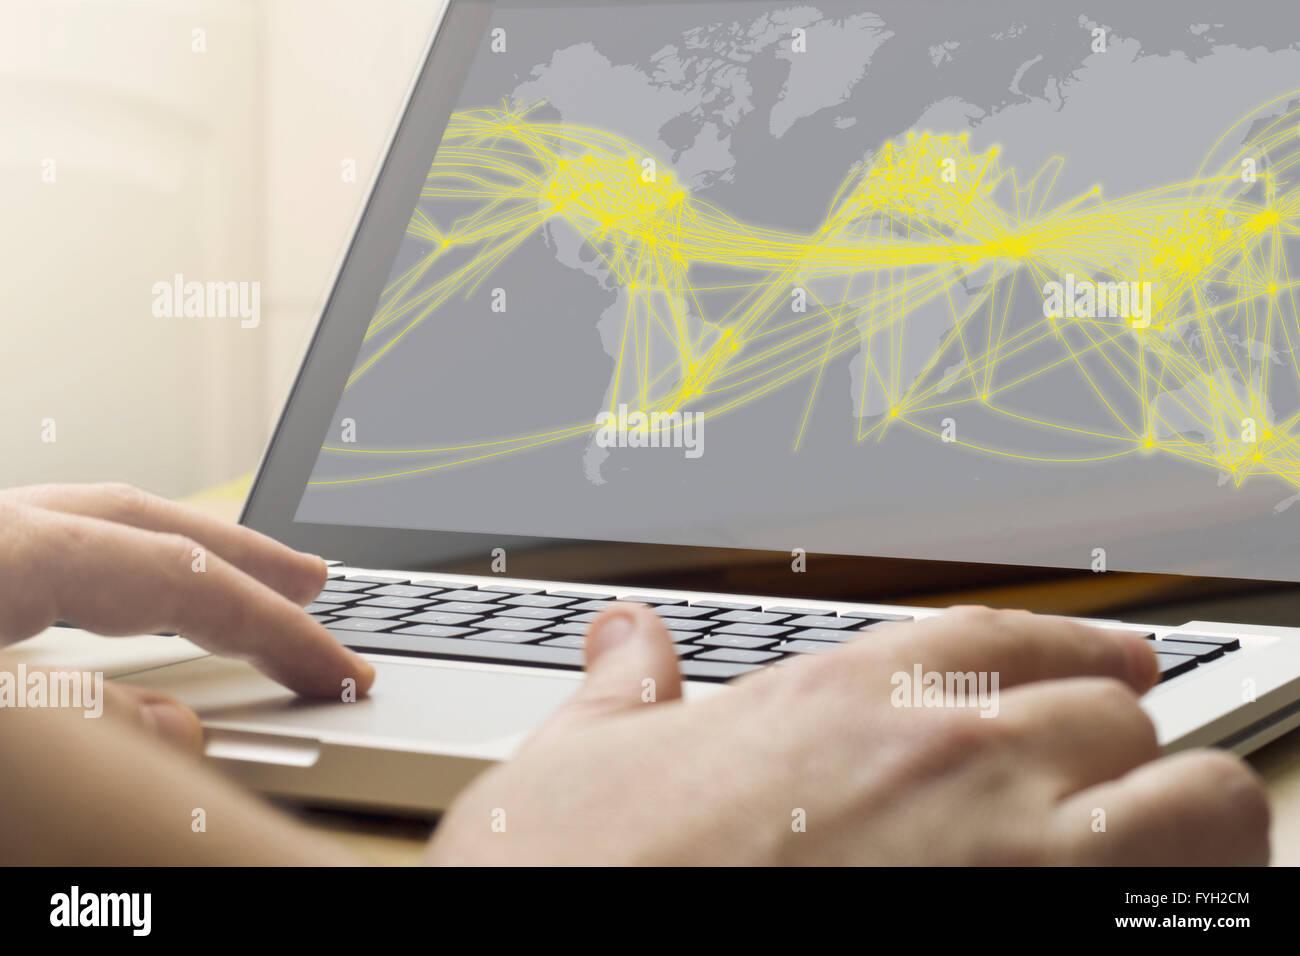 Welt-Verbindung-Konzept: Mann mit Laptop mit Weltkarte Verbindung auf dem Bildschirm Stockbild